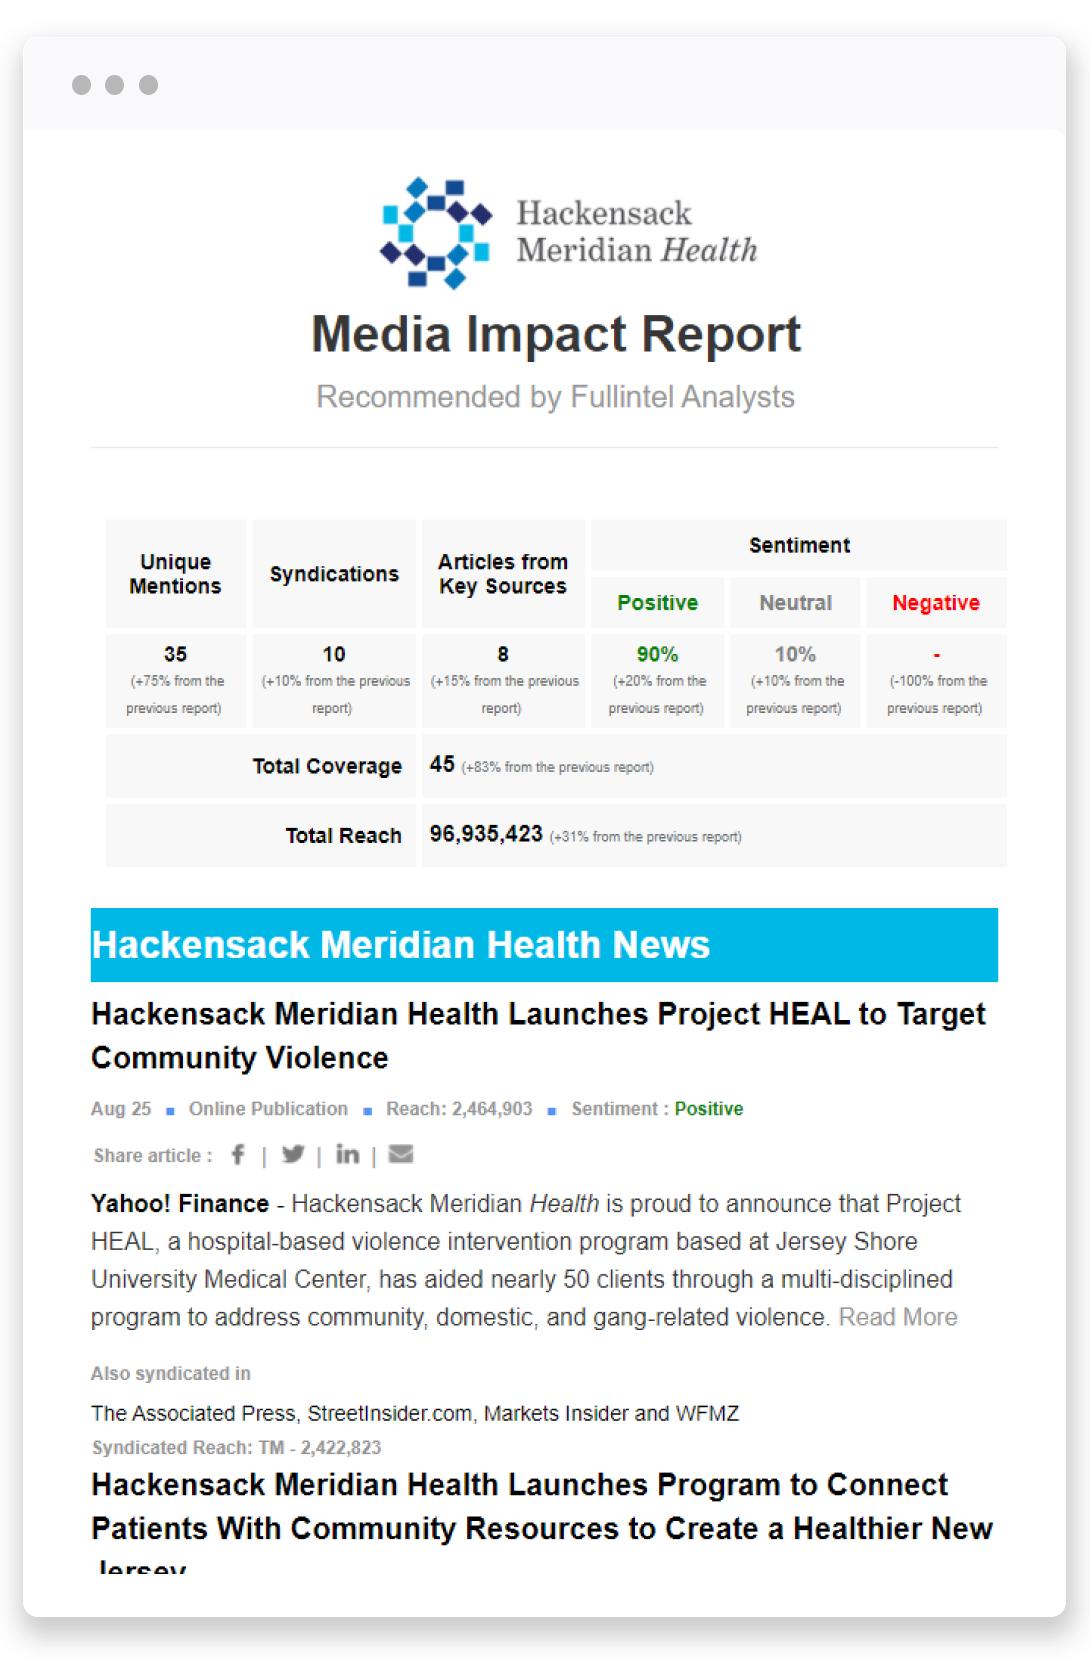 Media Impact Report